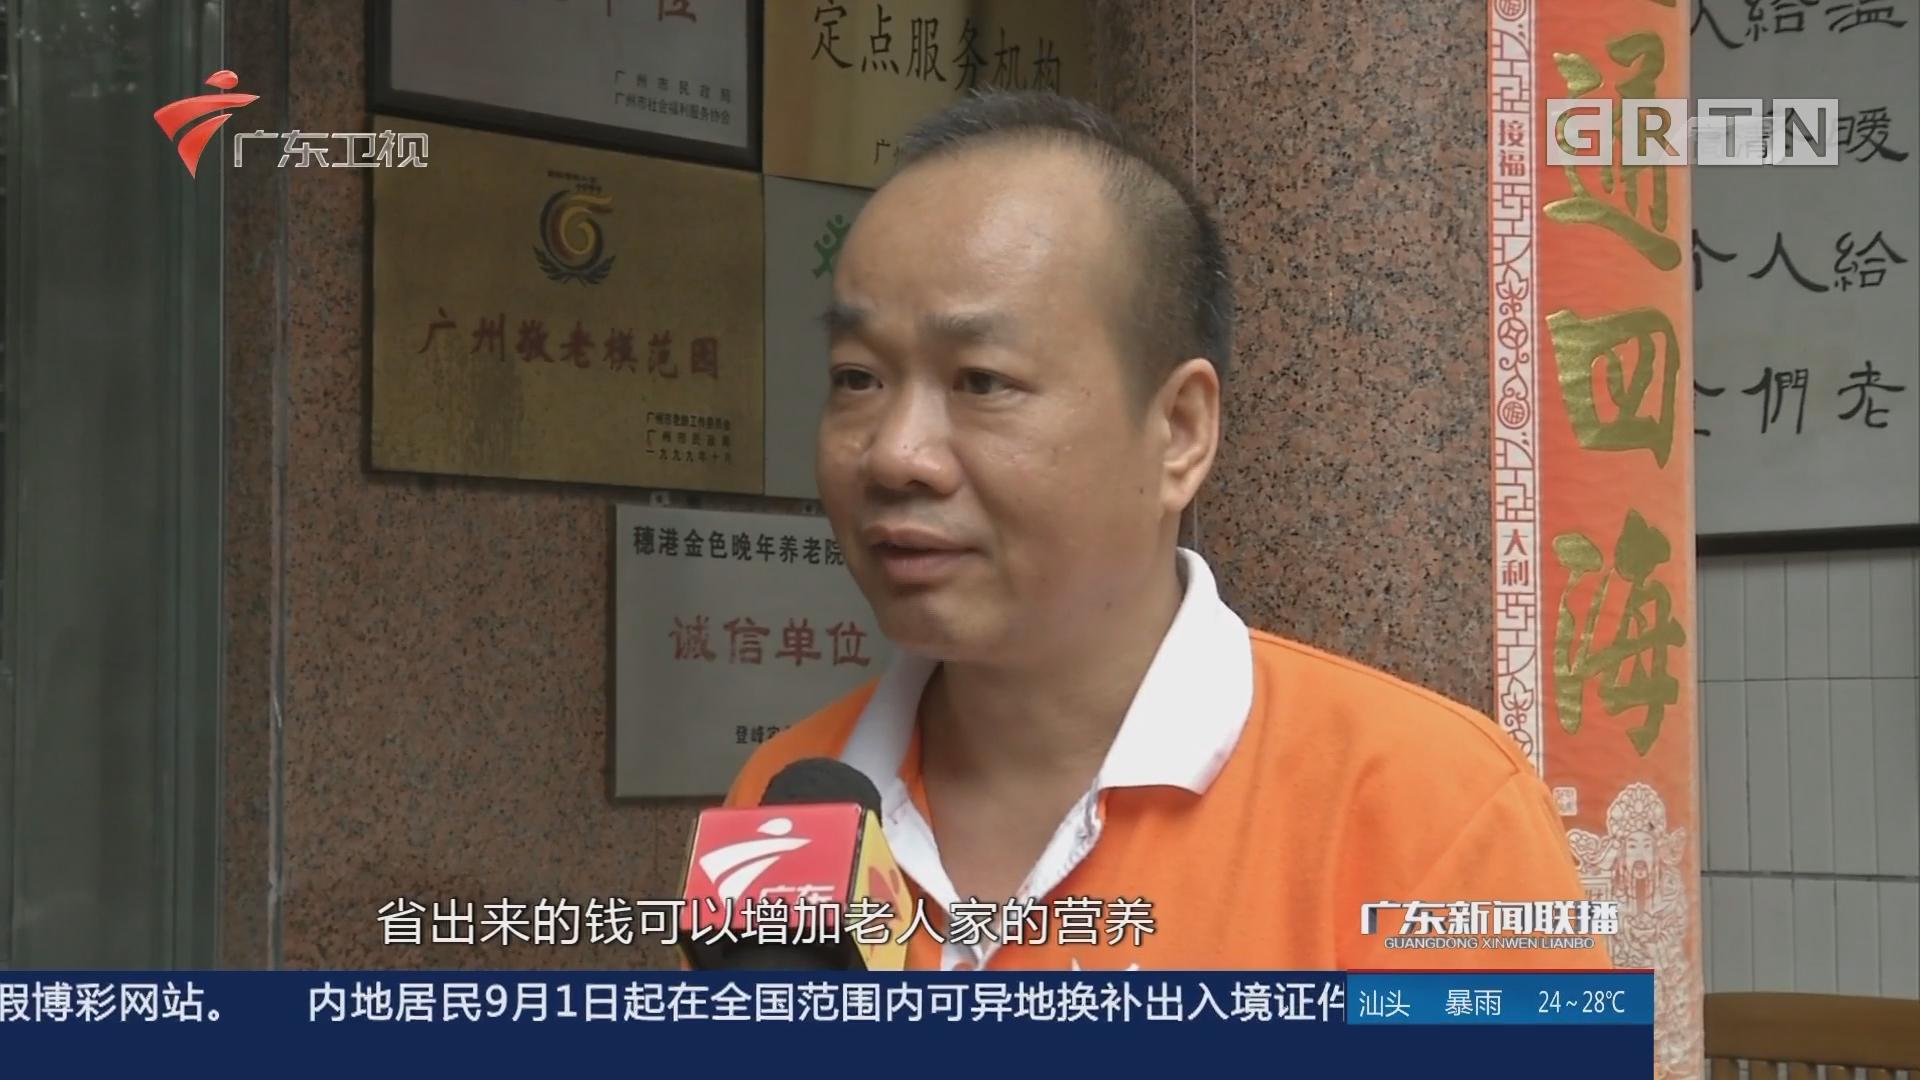 广州:56项老年人照顾服务项目落地